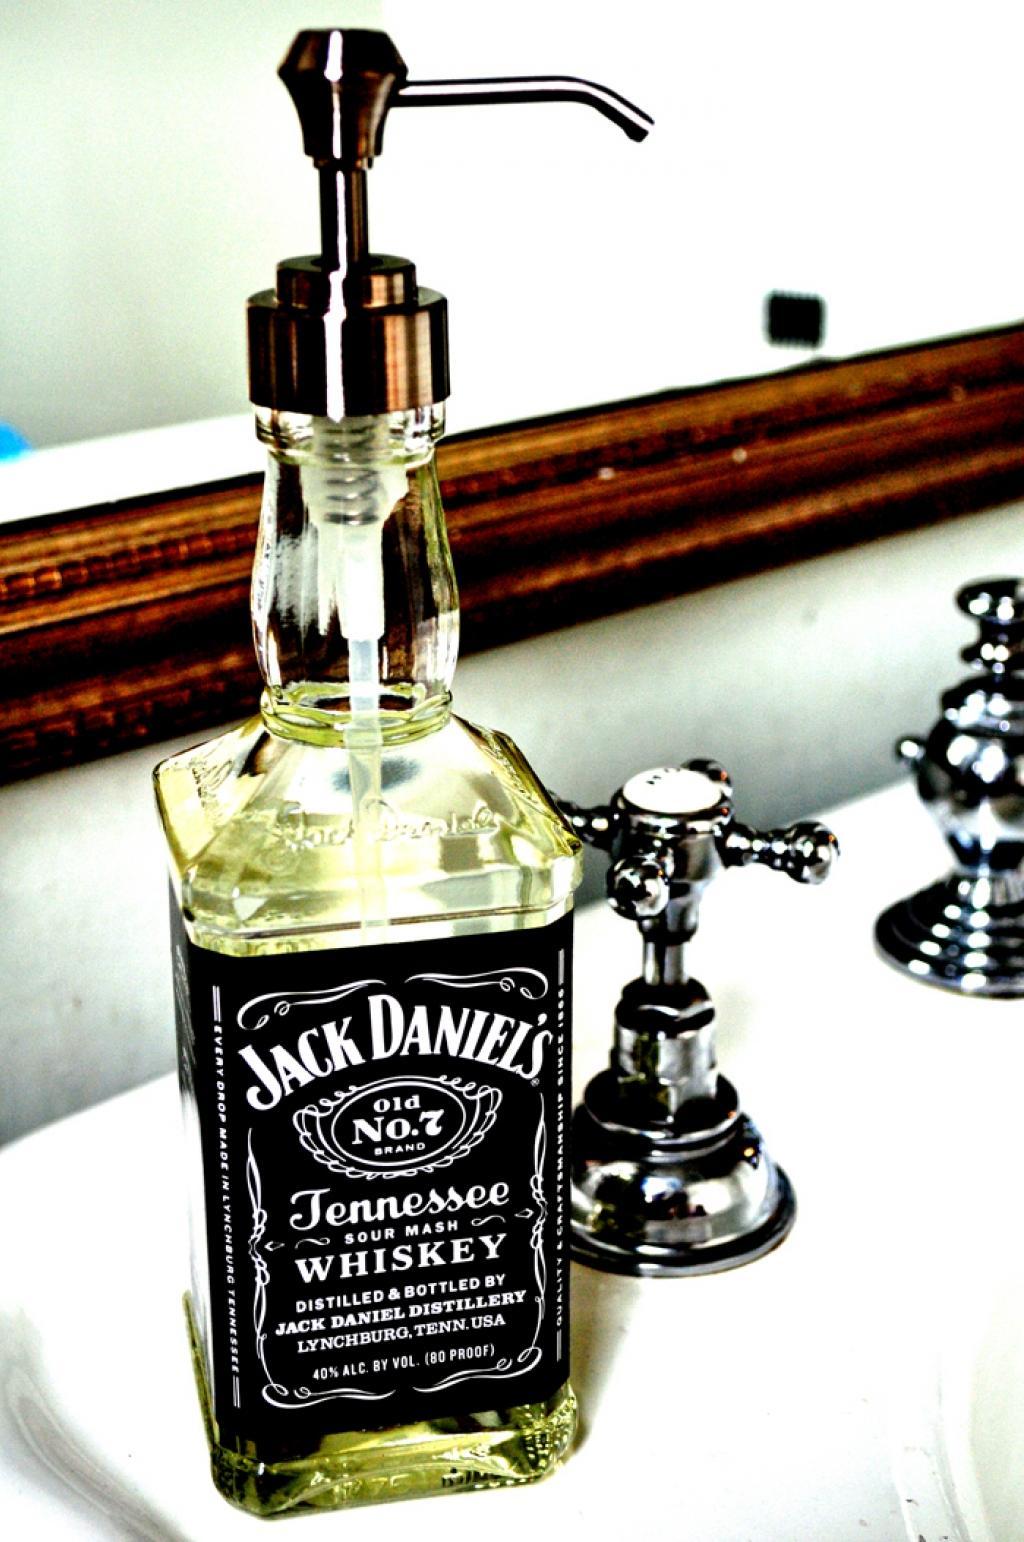 bricolages transformer une bouteille de jack daniels pour la fete des peres